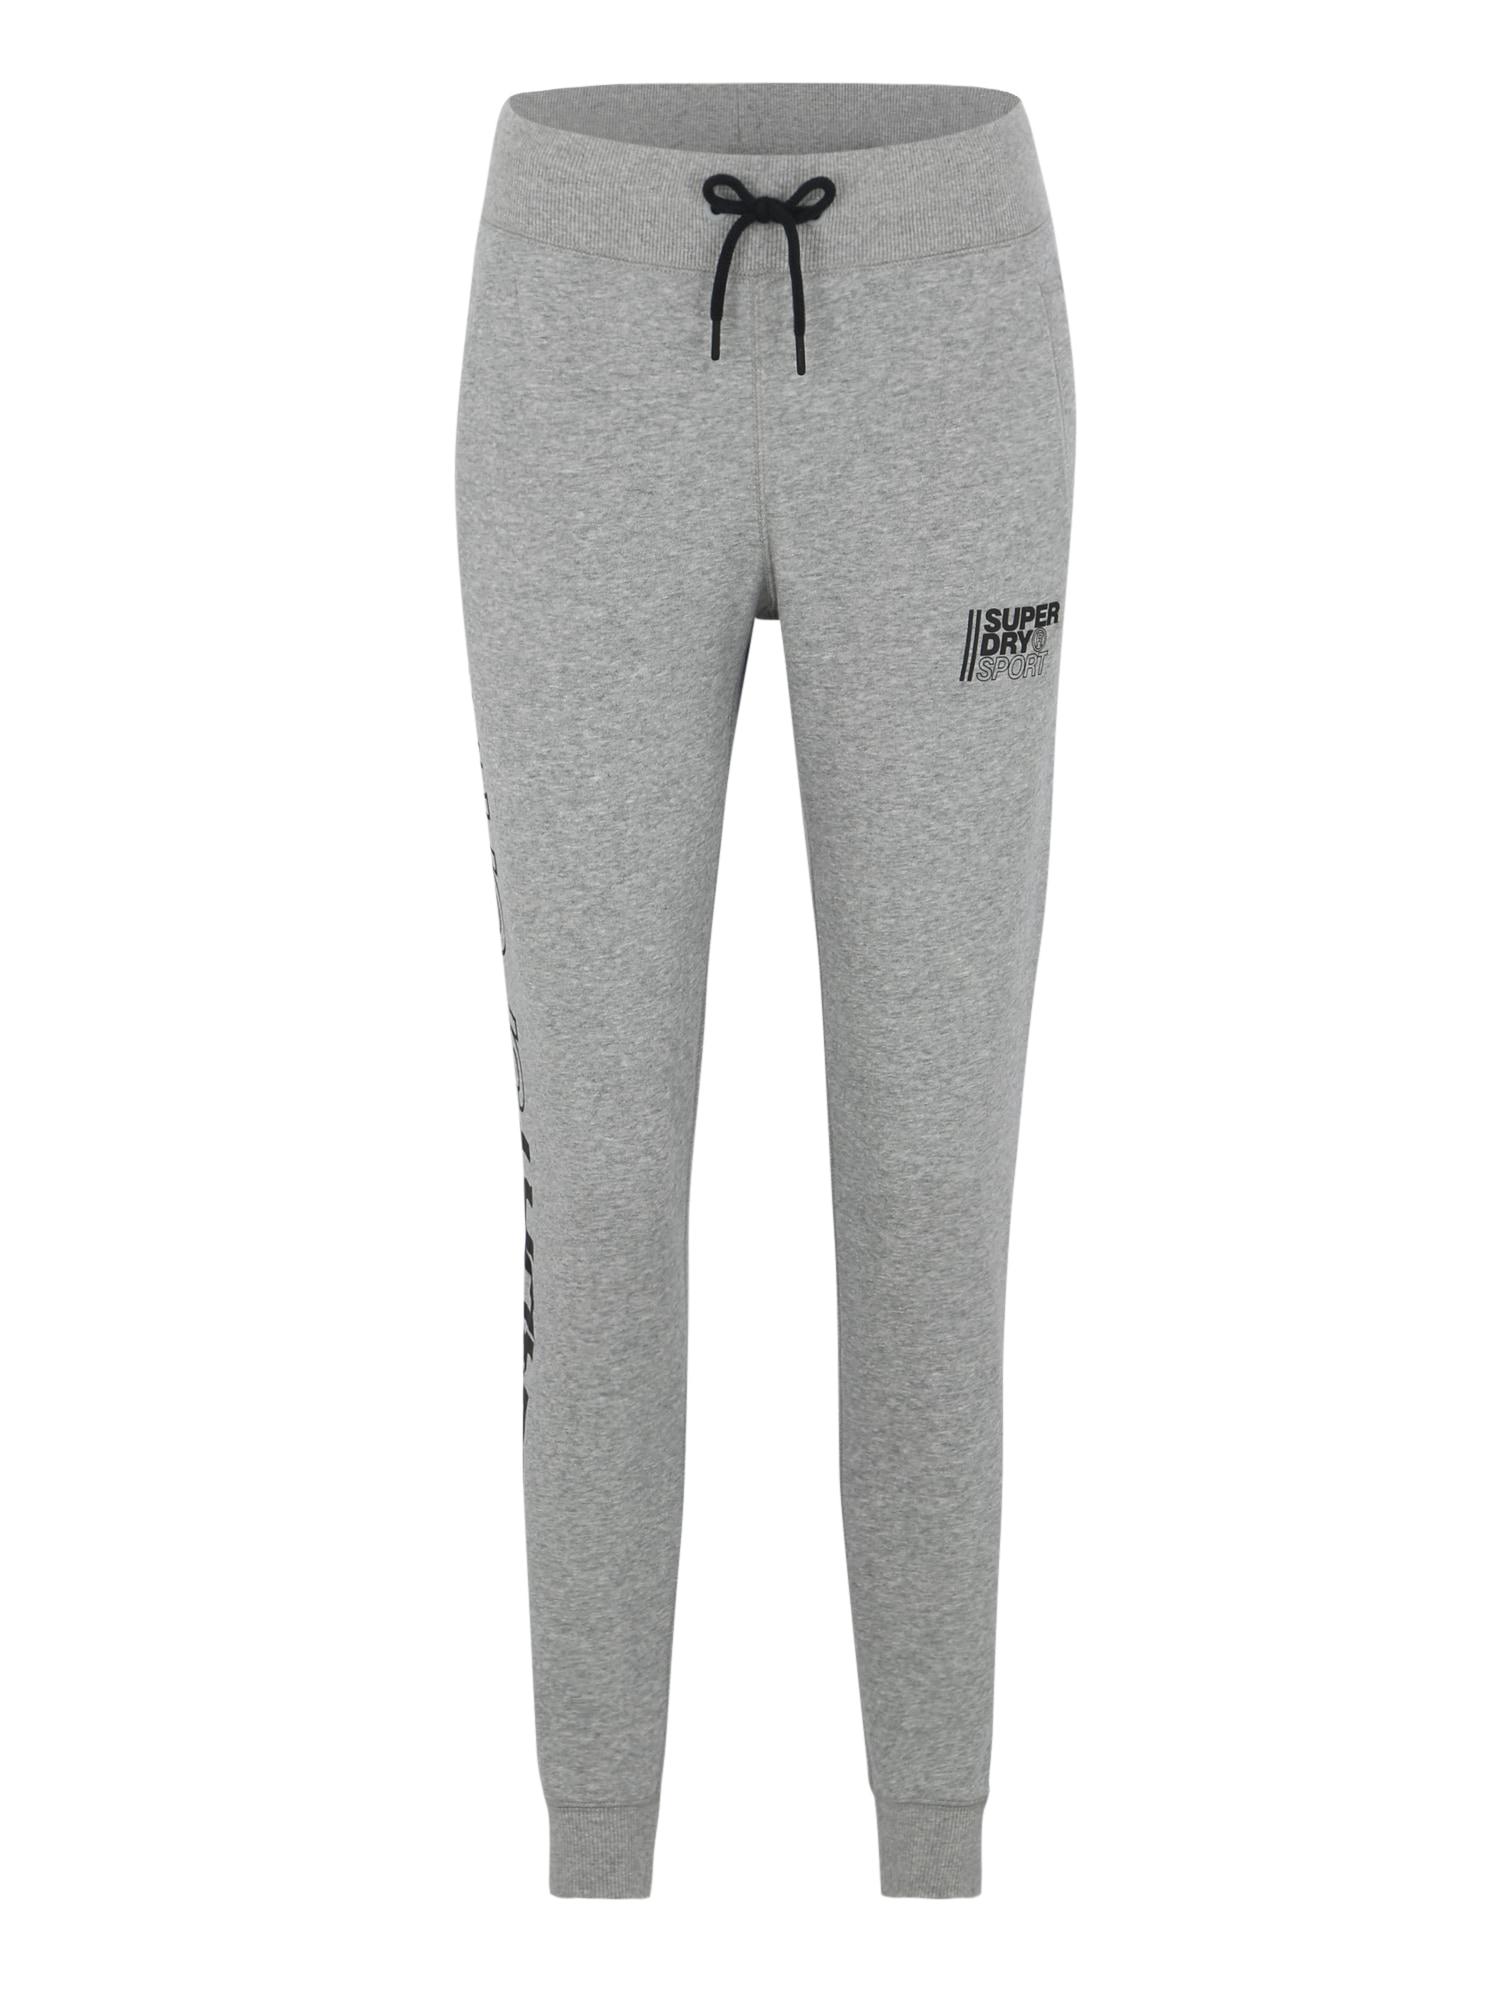 Sportovní kalhoty Core Sport Joggers šedá Superdry